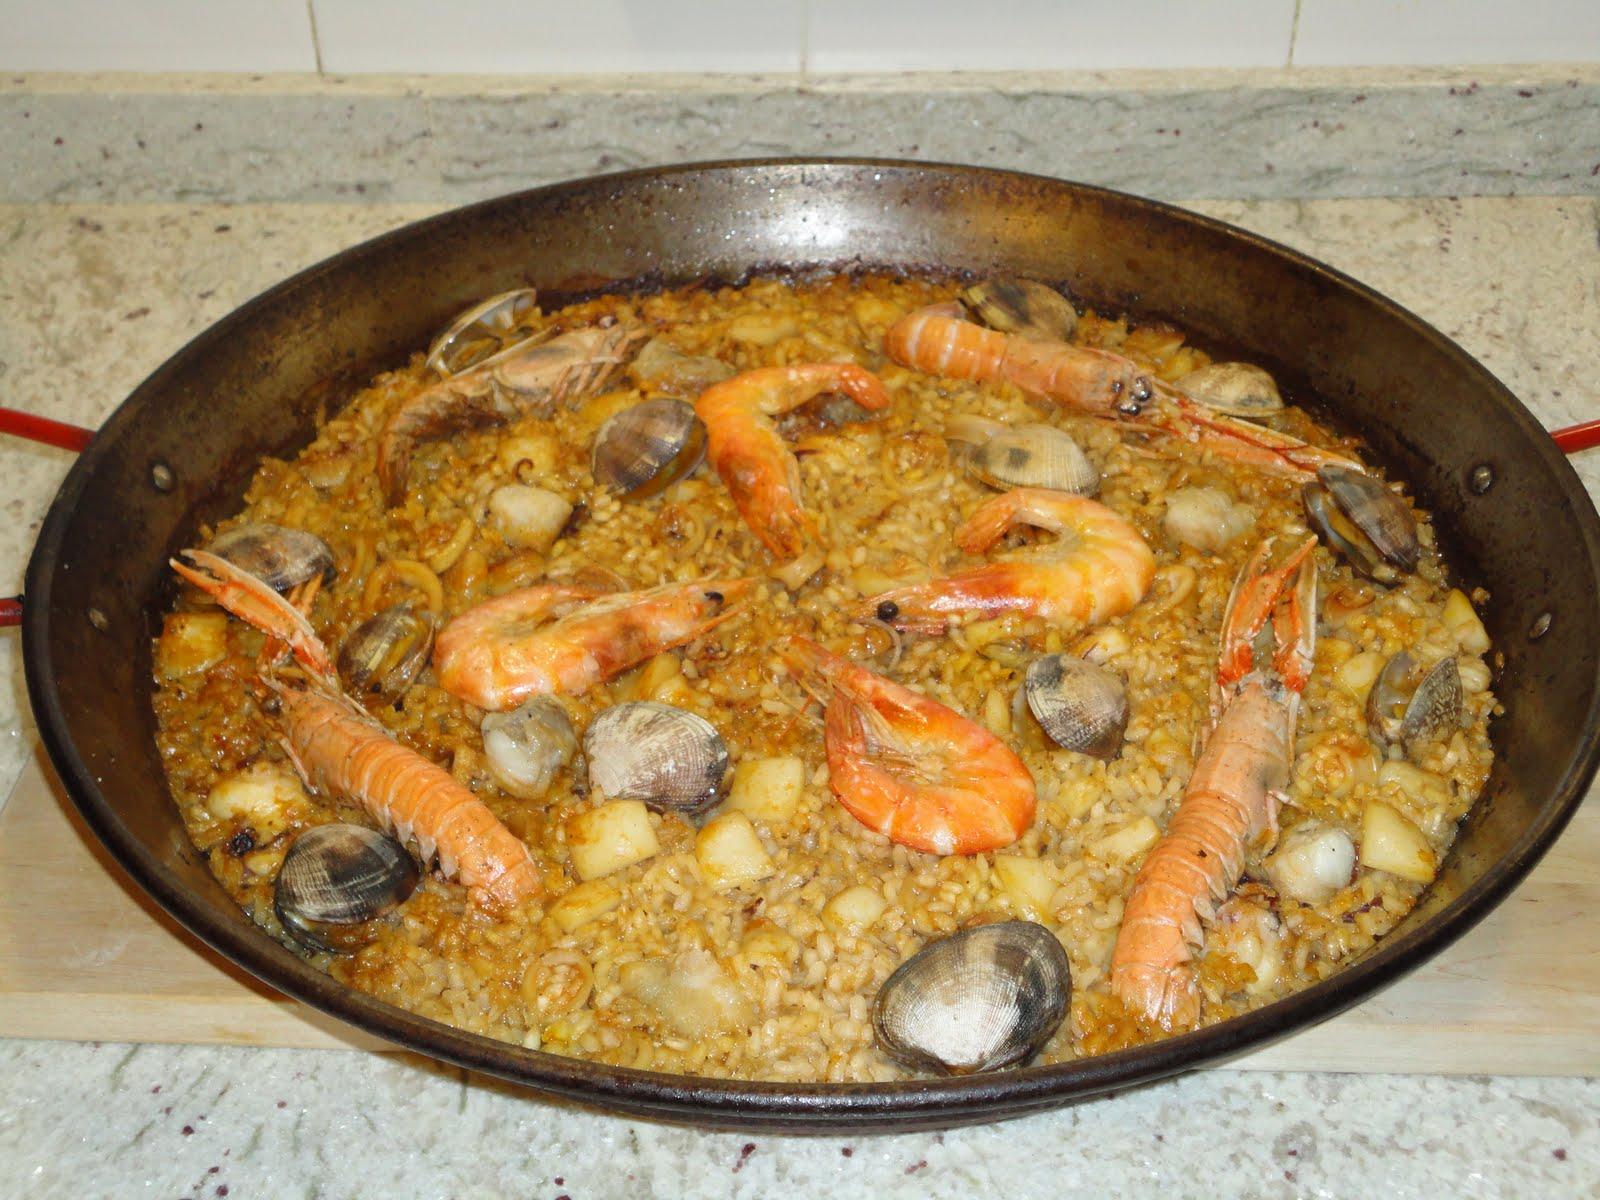 Del mercado al plato paella de pescado y marisco - Paella de pescado ...